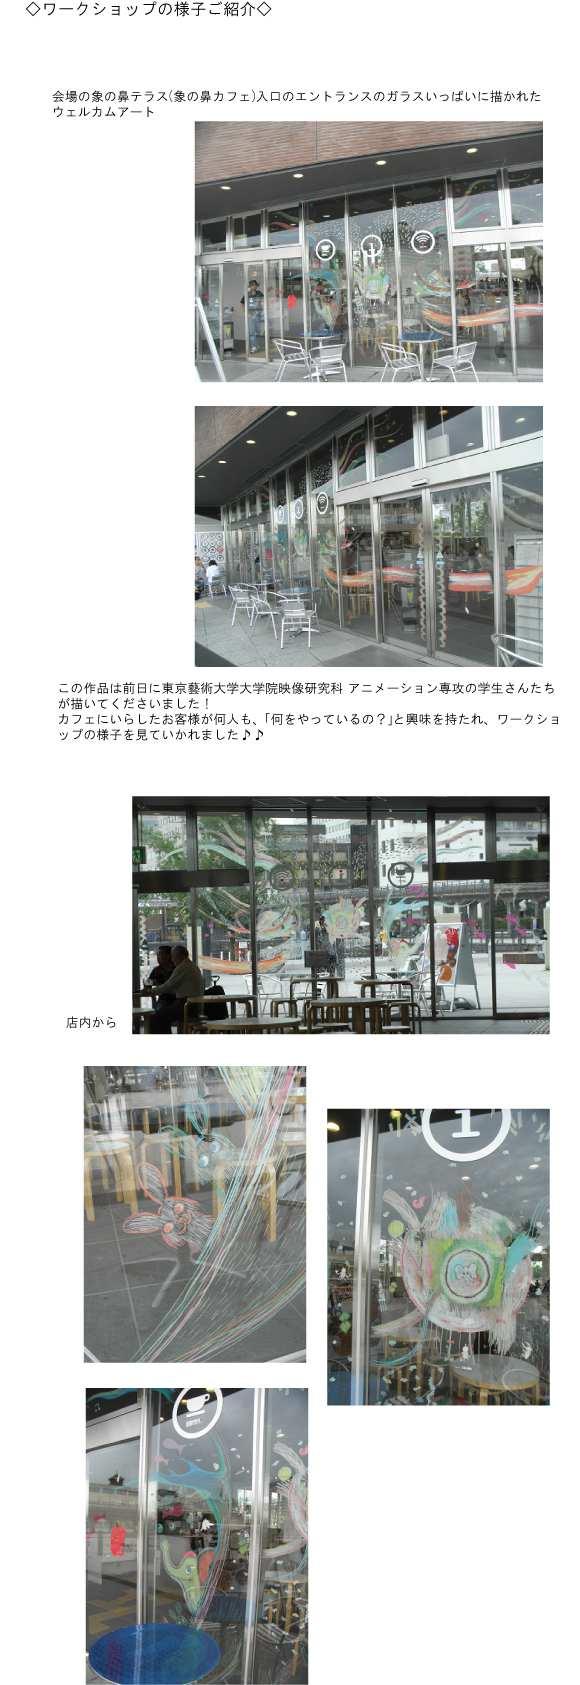 Atelier ZOU-NO-HANA -こどものためのワークショップ- Vol.11 東京藝術大学「象の鼻ミュージックビデオをつくろう!」にキットパスで参加しました(2012年6月17日)